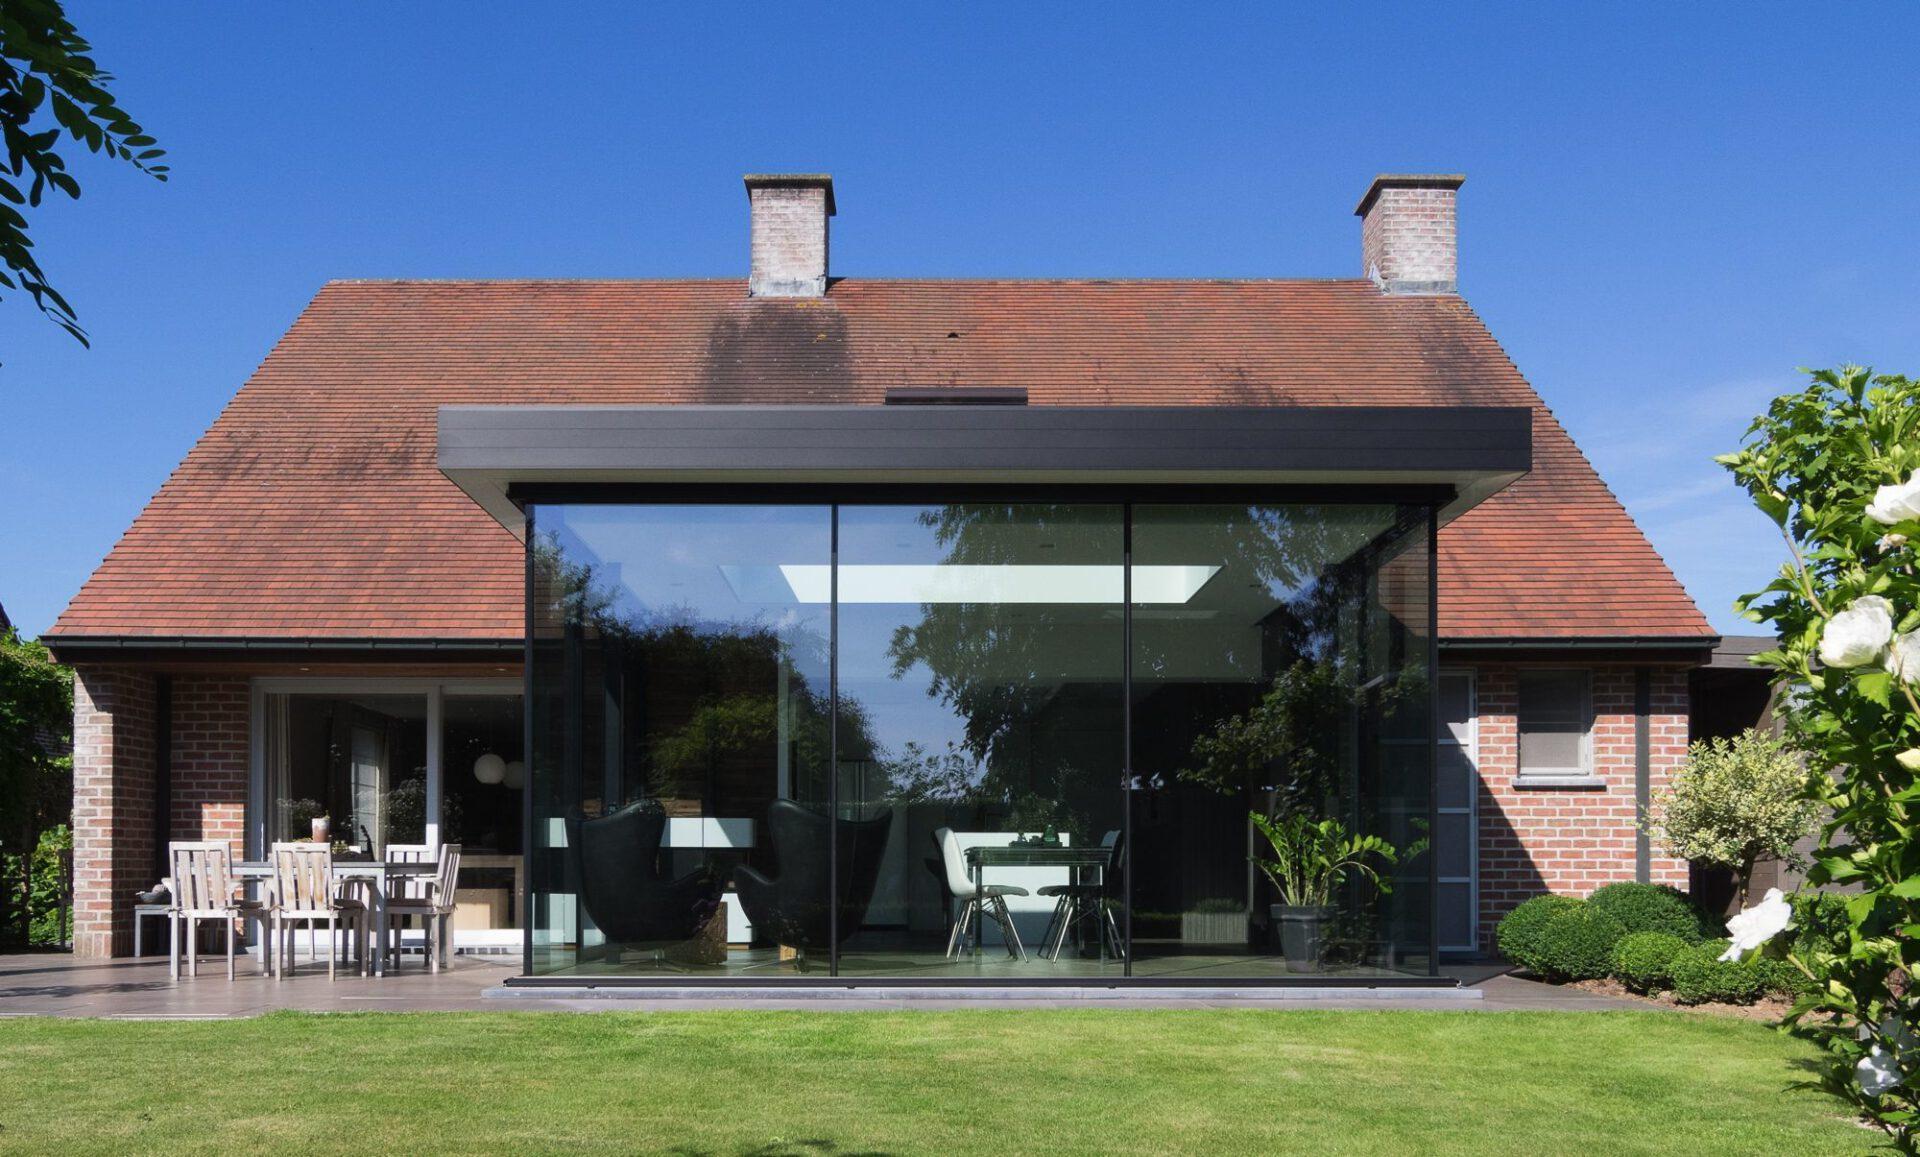 Izegem modern met keuken en eetplaats 7